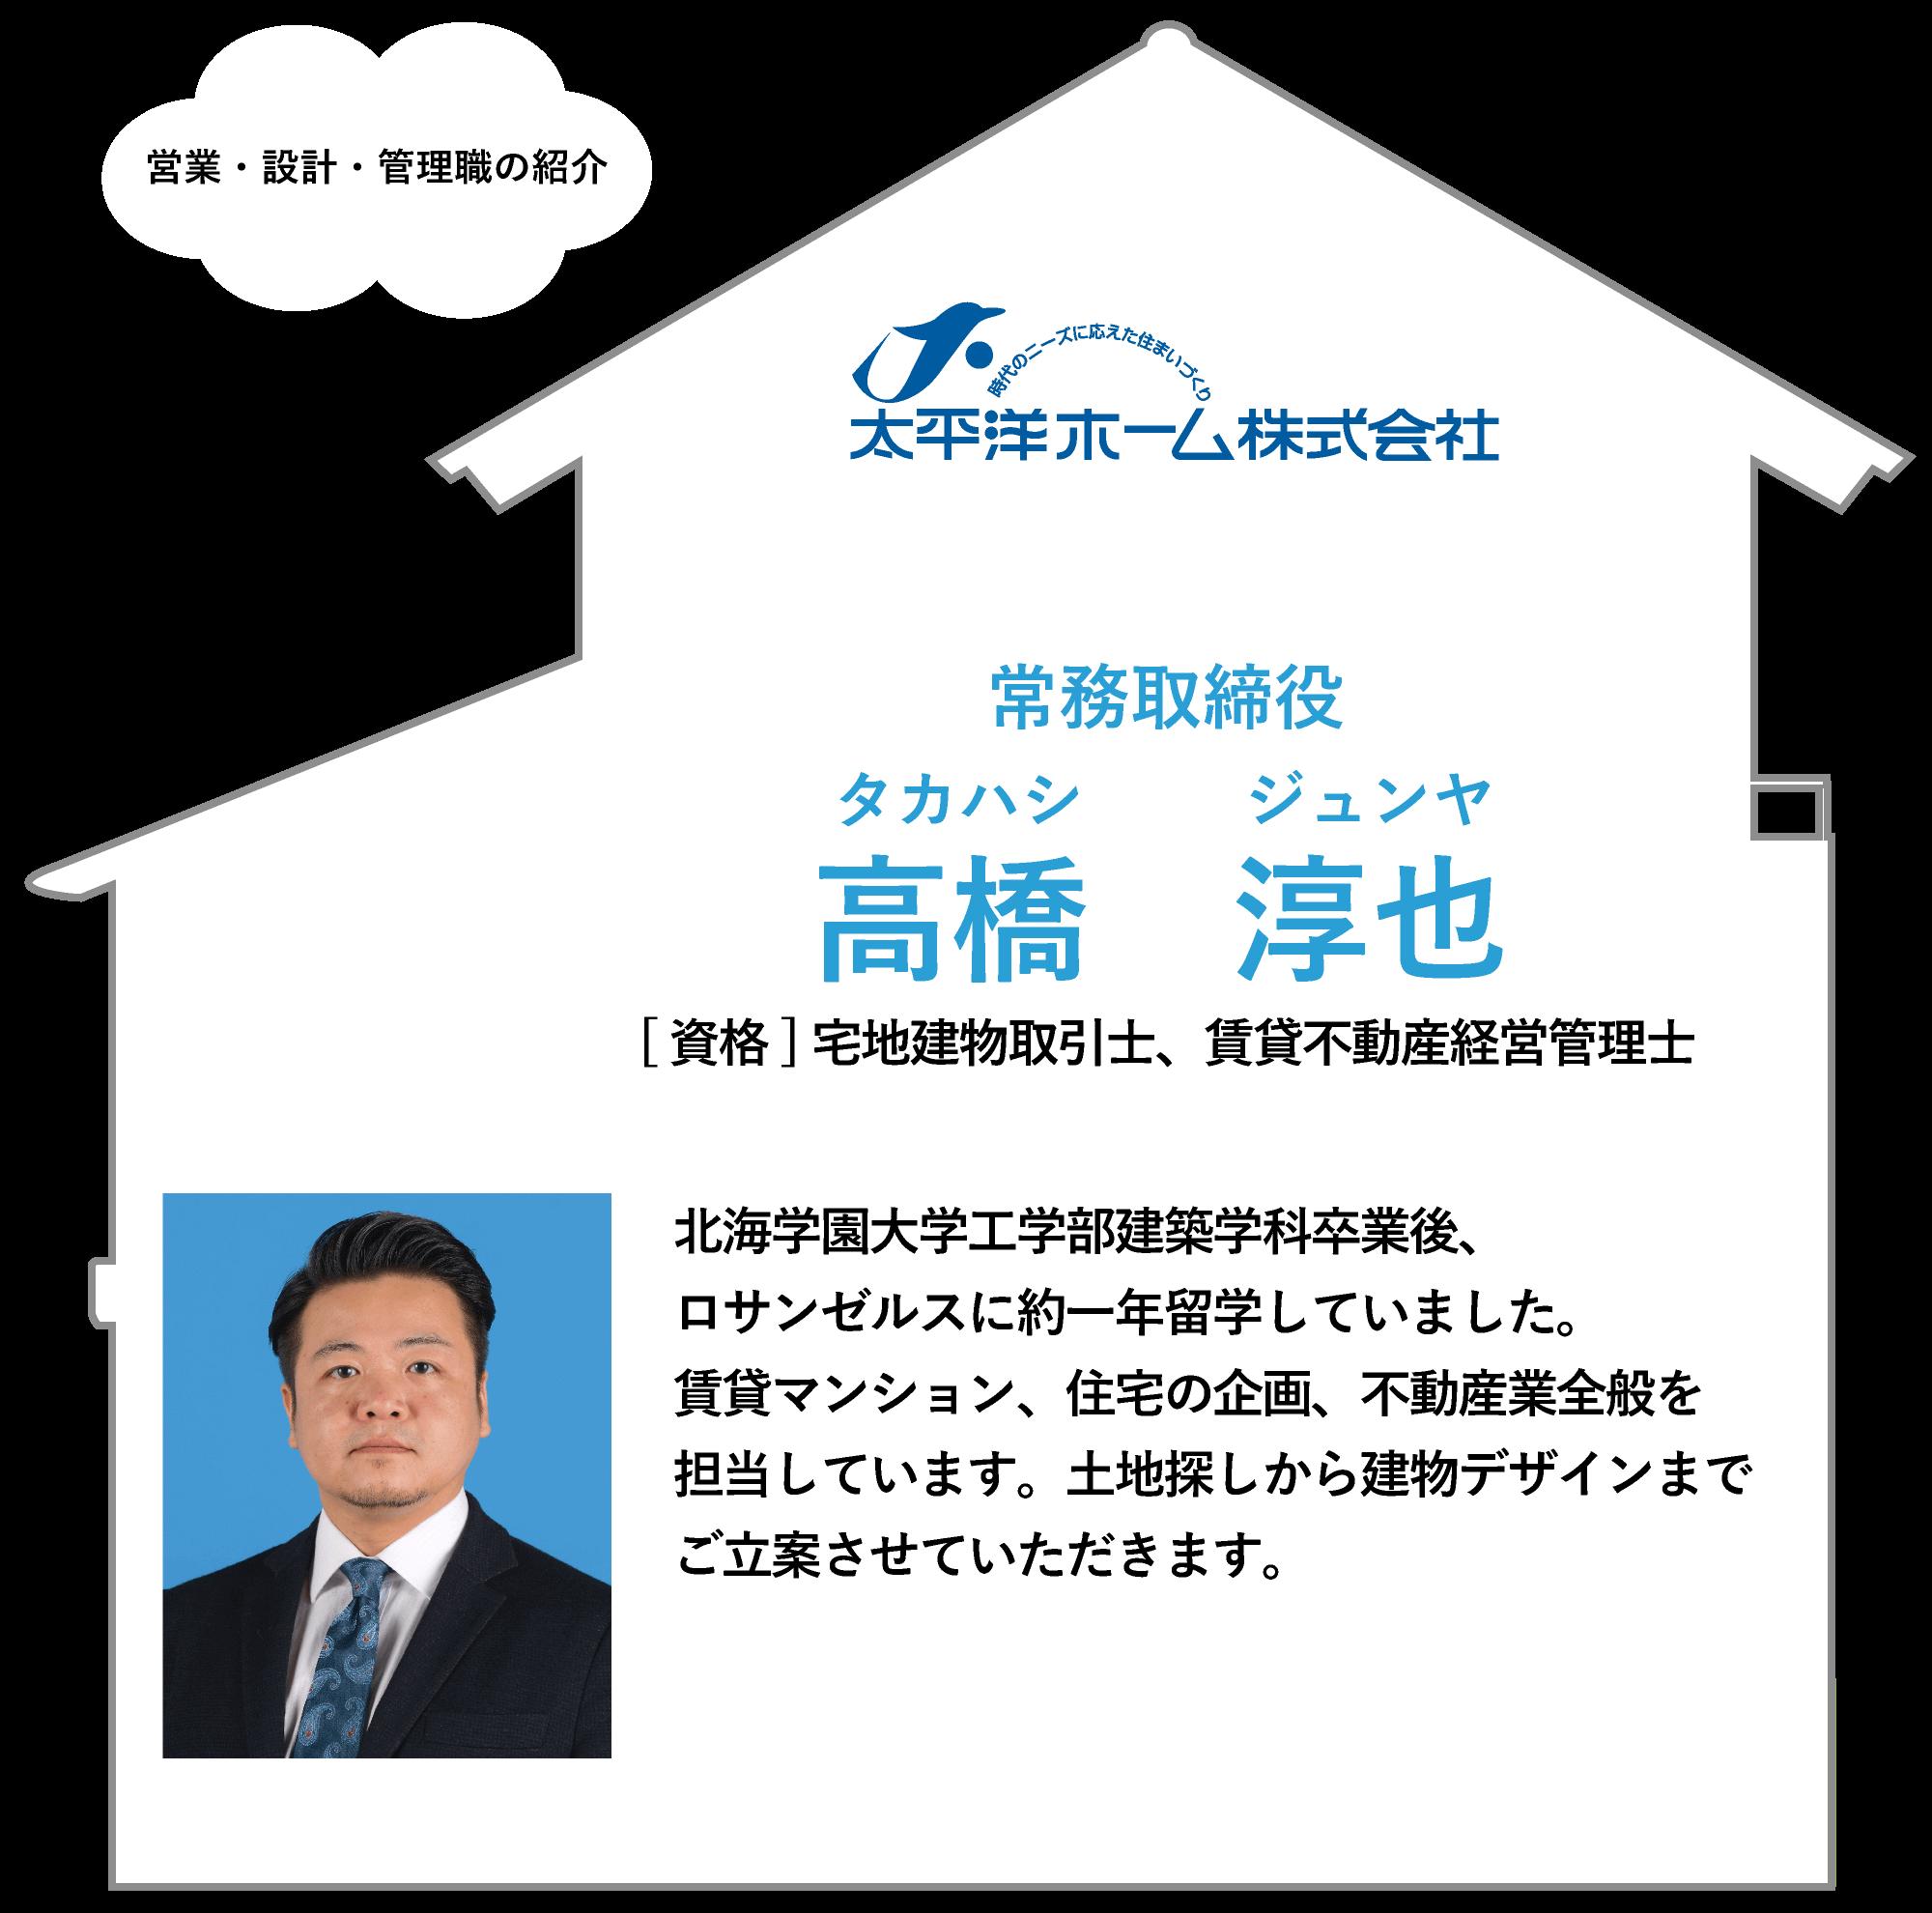 スタッフ紹介04